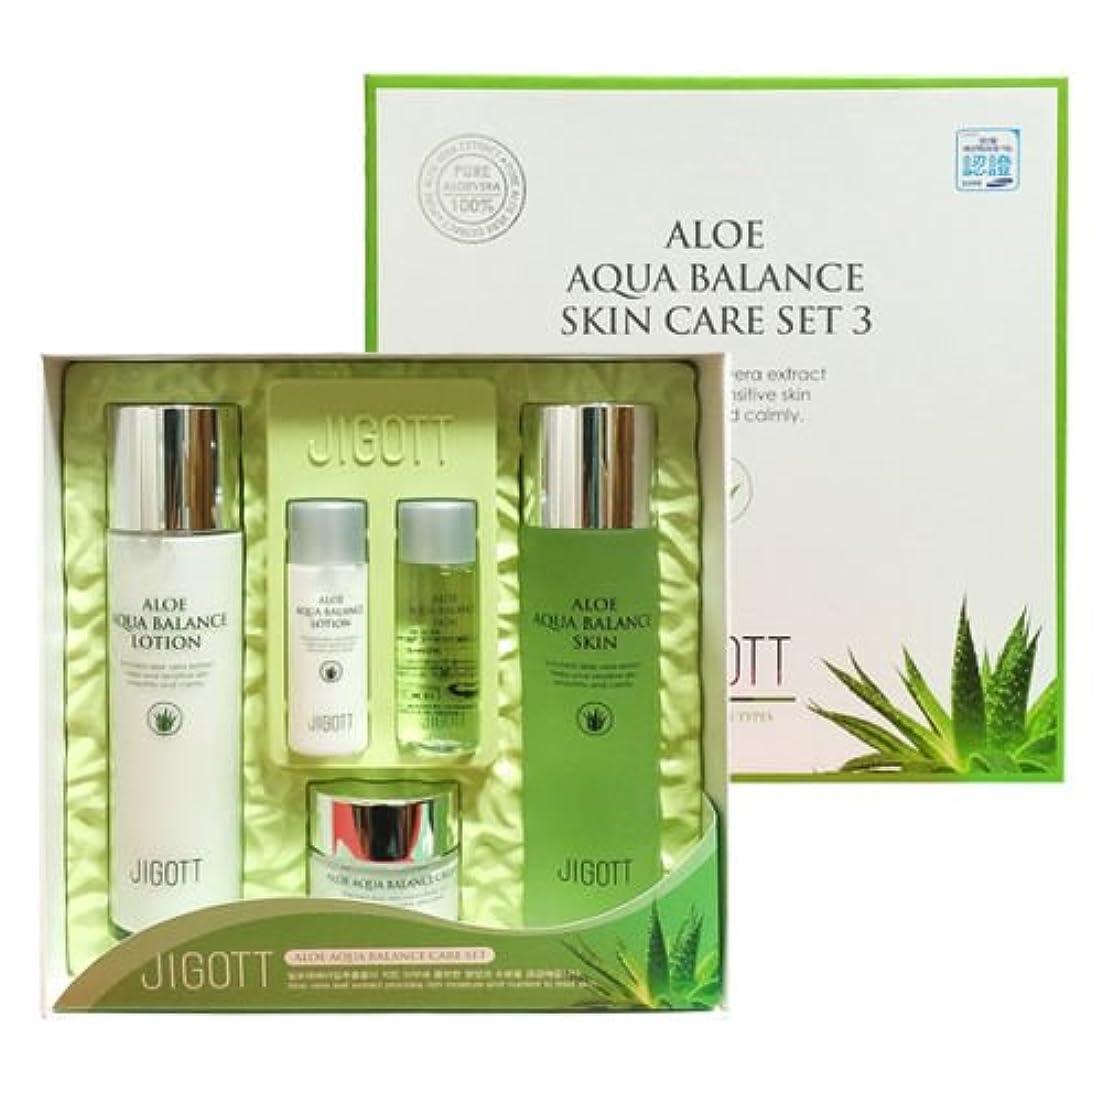 パンダふつうの量ジゴトゥ[韓国コスメJigott]Aloe Aqua Balance Skin Care 3 Set アロエアクアバランススキンケア3セット樹液,乳液,クリーム [並行輸入品]